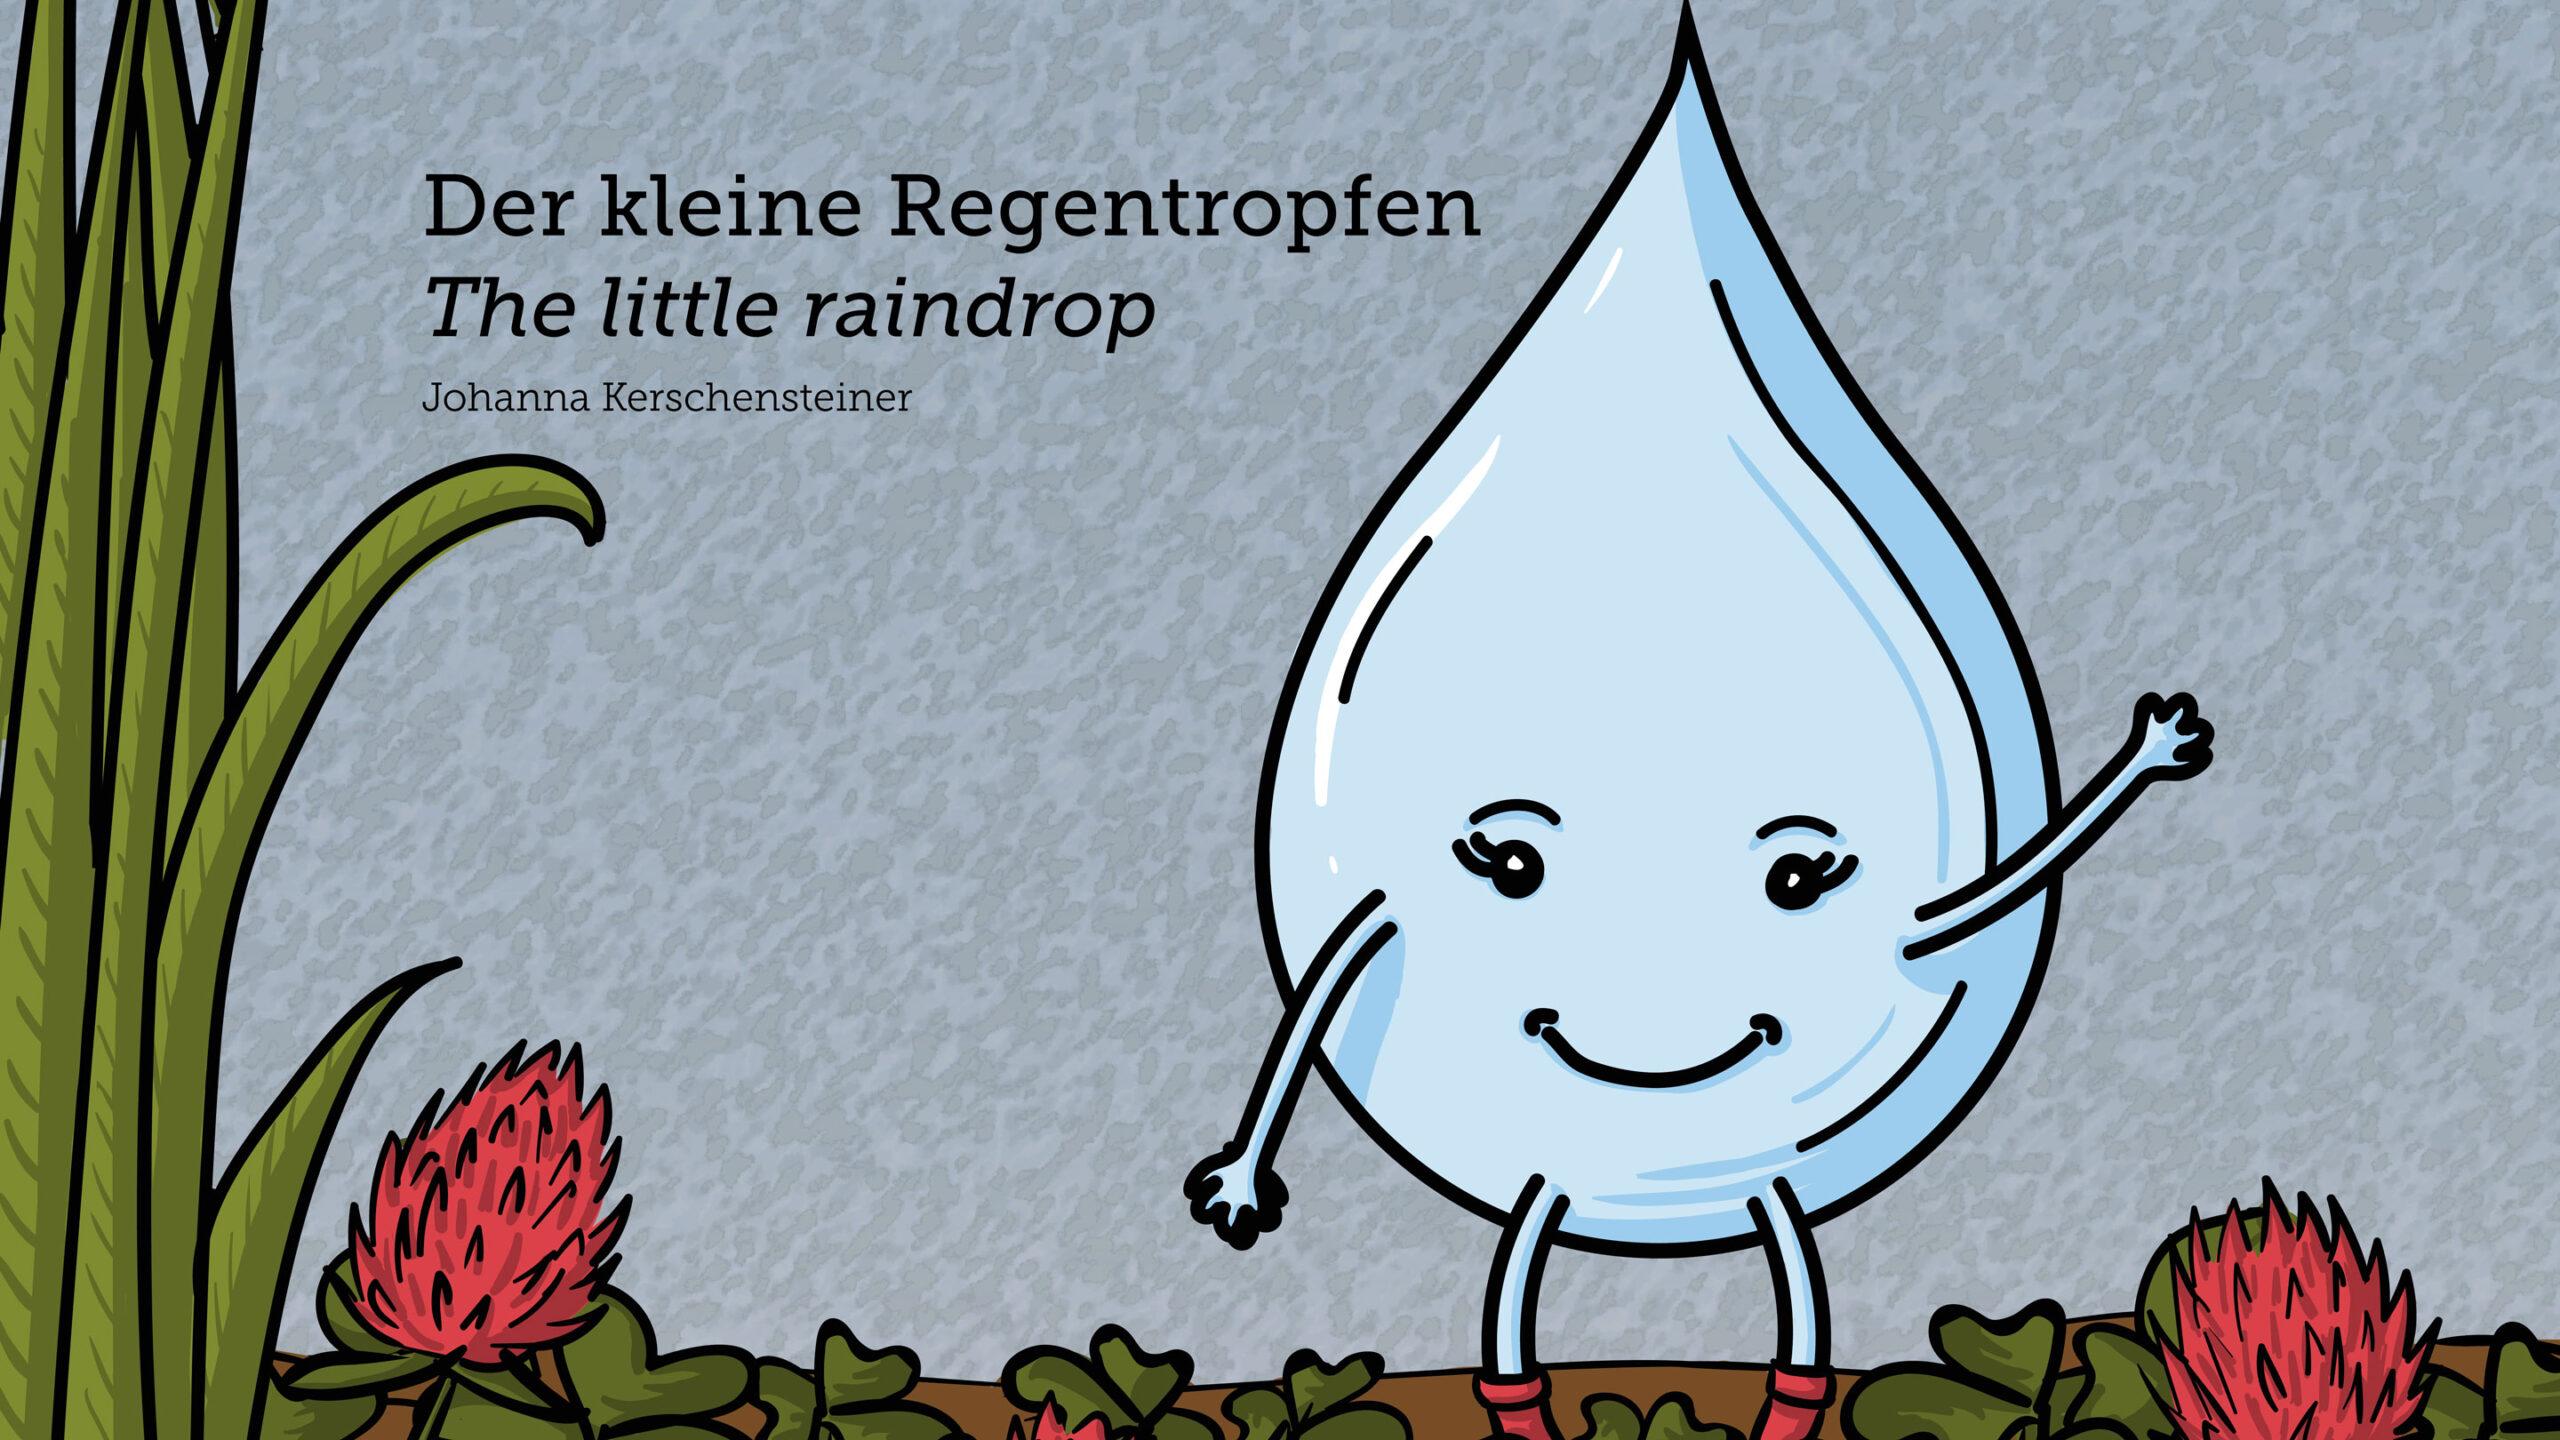 johannakerschensteiner_the-little-raindrop_sample_2